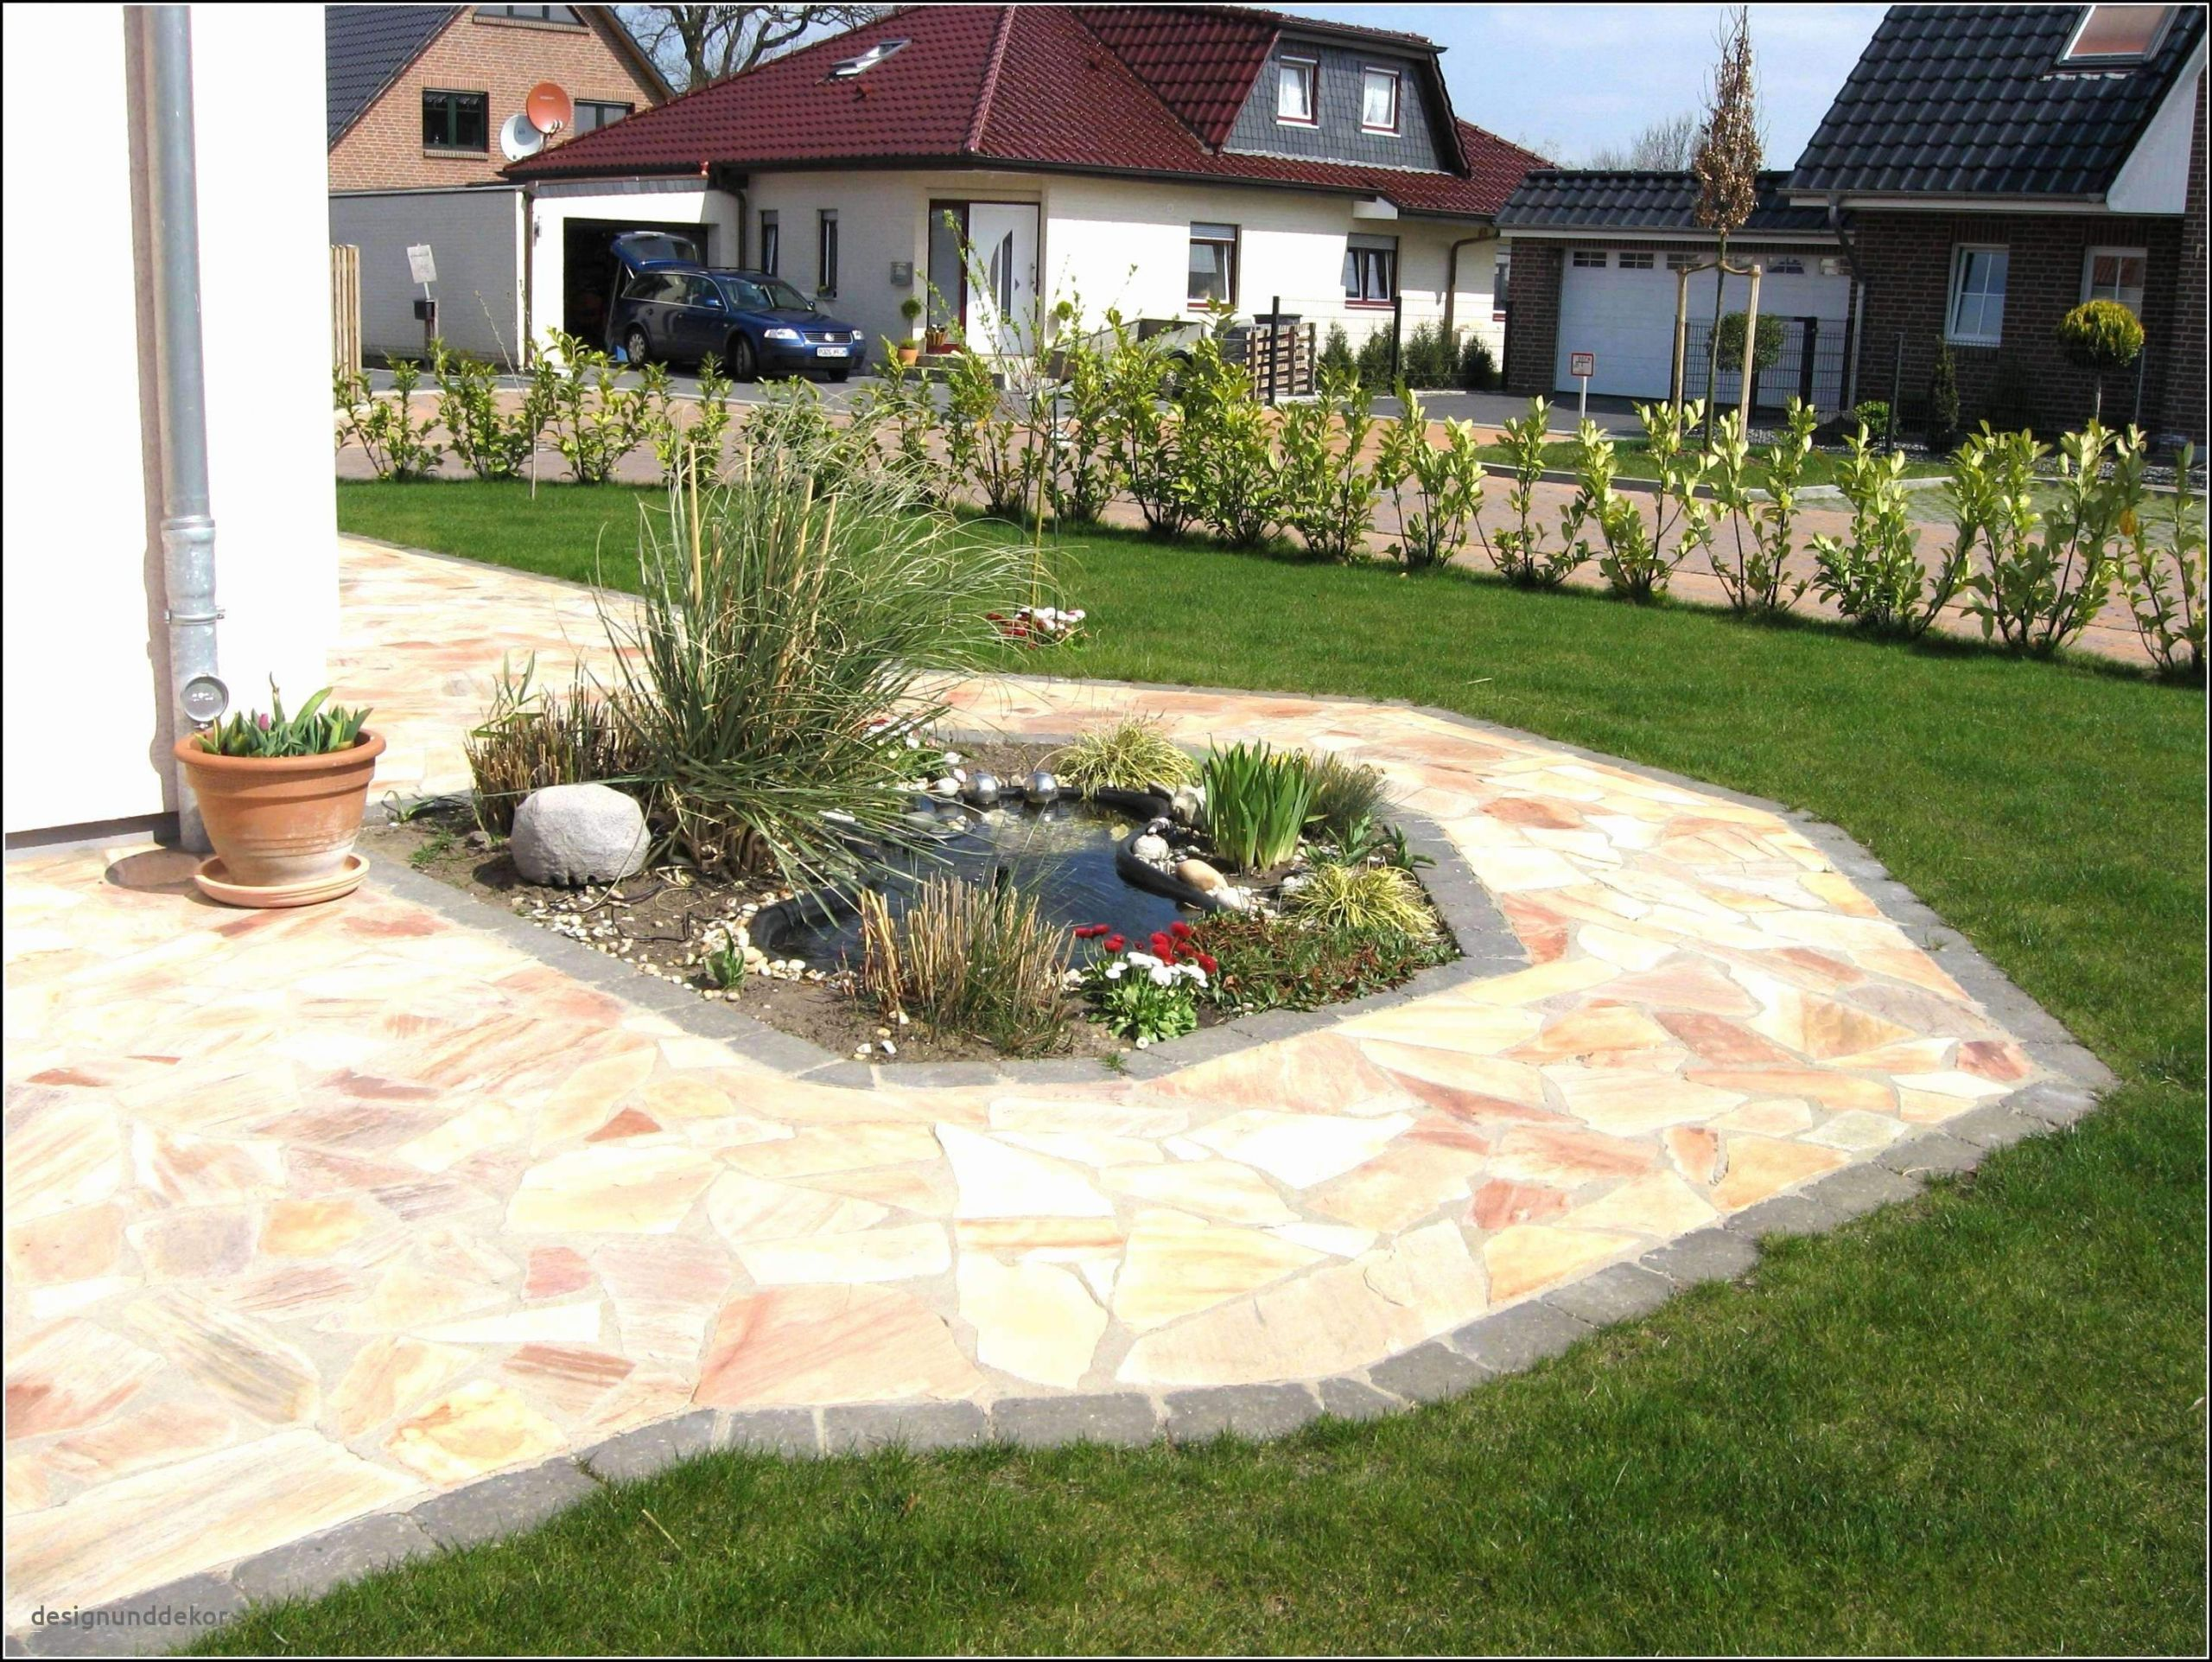 Garten Versand Luxus 37 Einzigartig Garten Gestalten Mit Pflanzsteinen Elegant